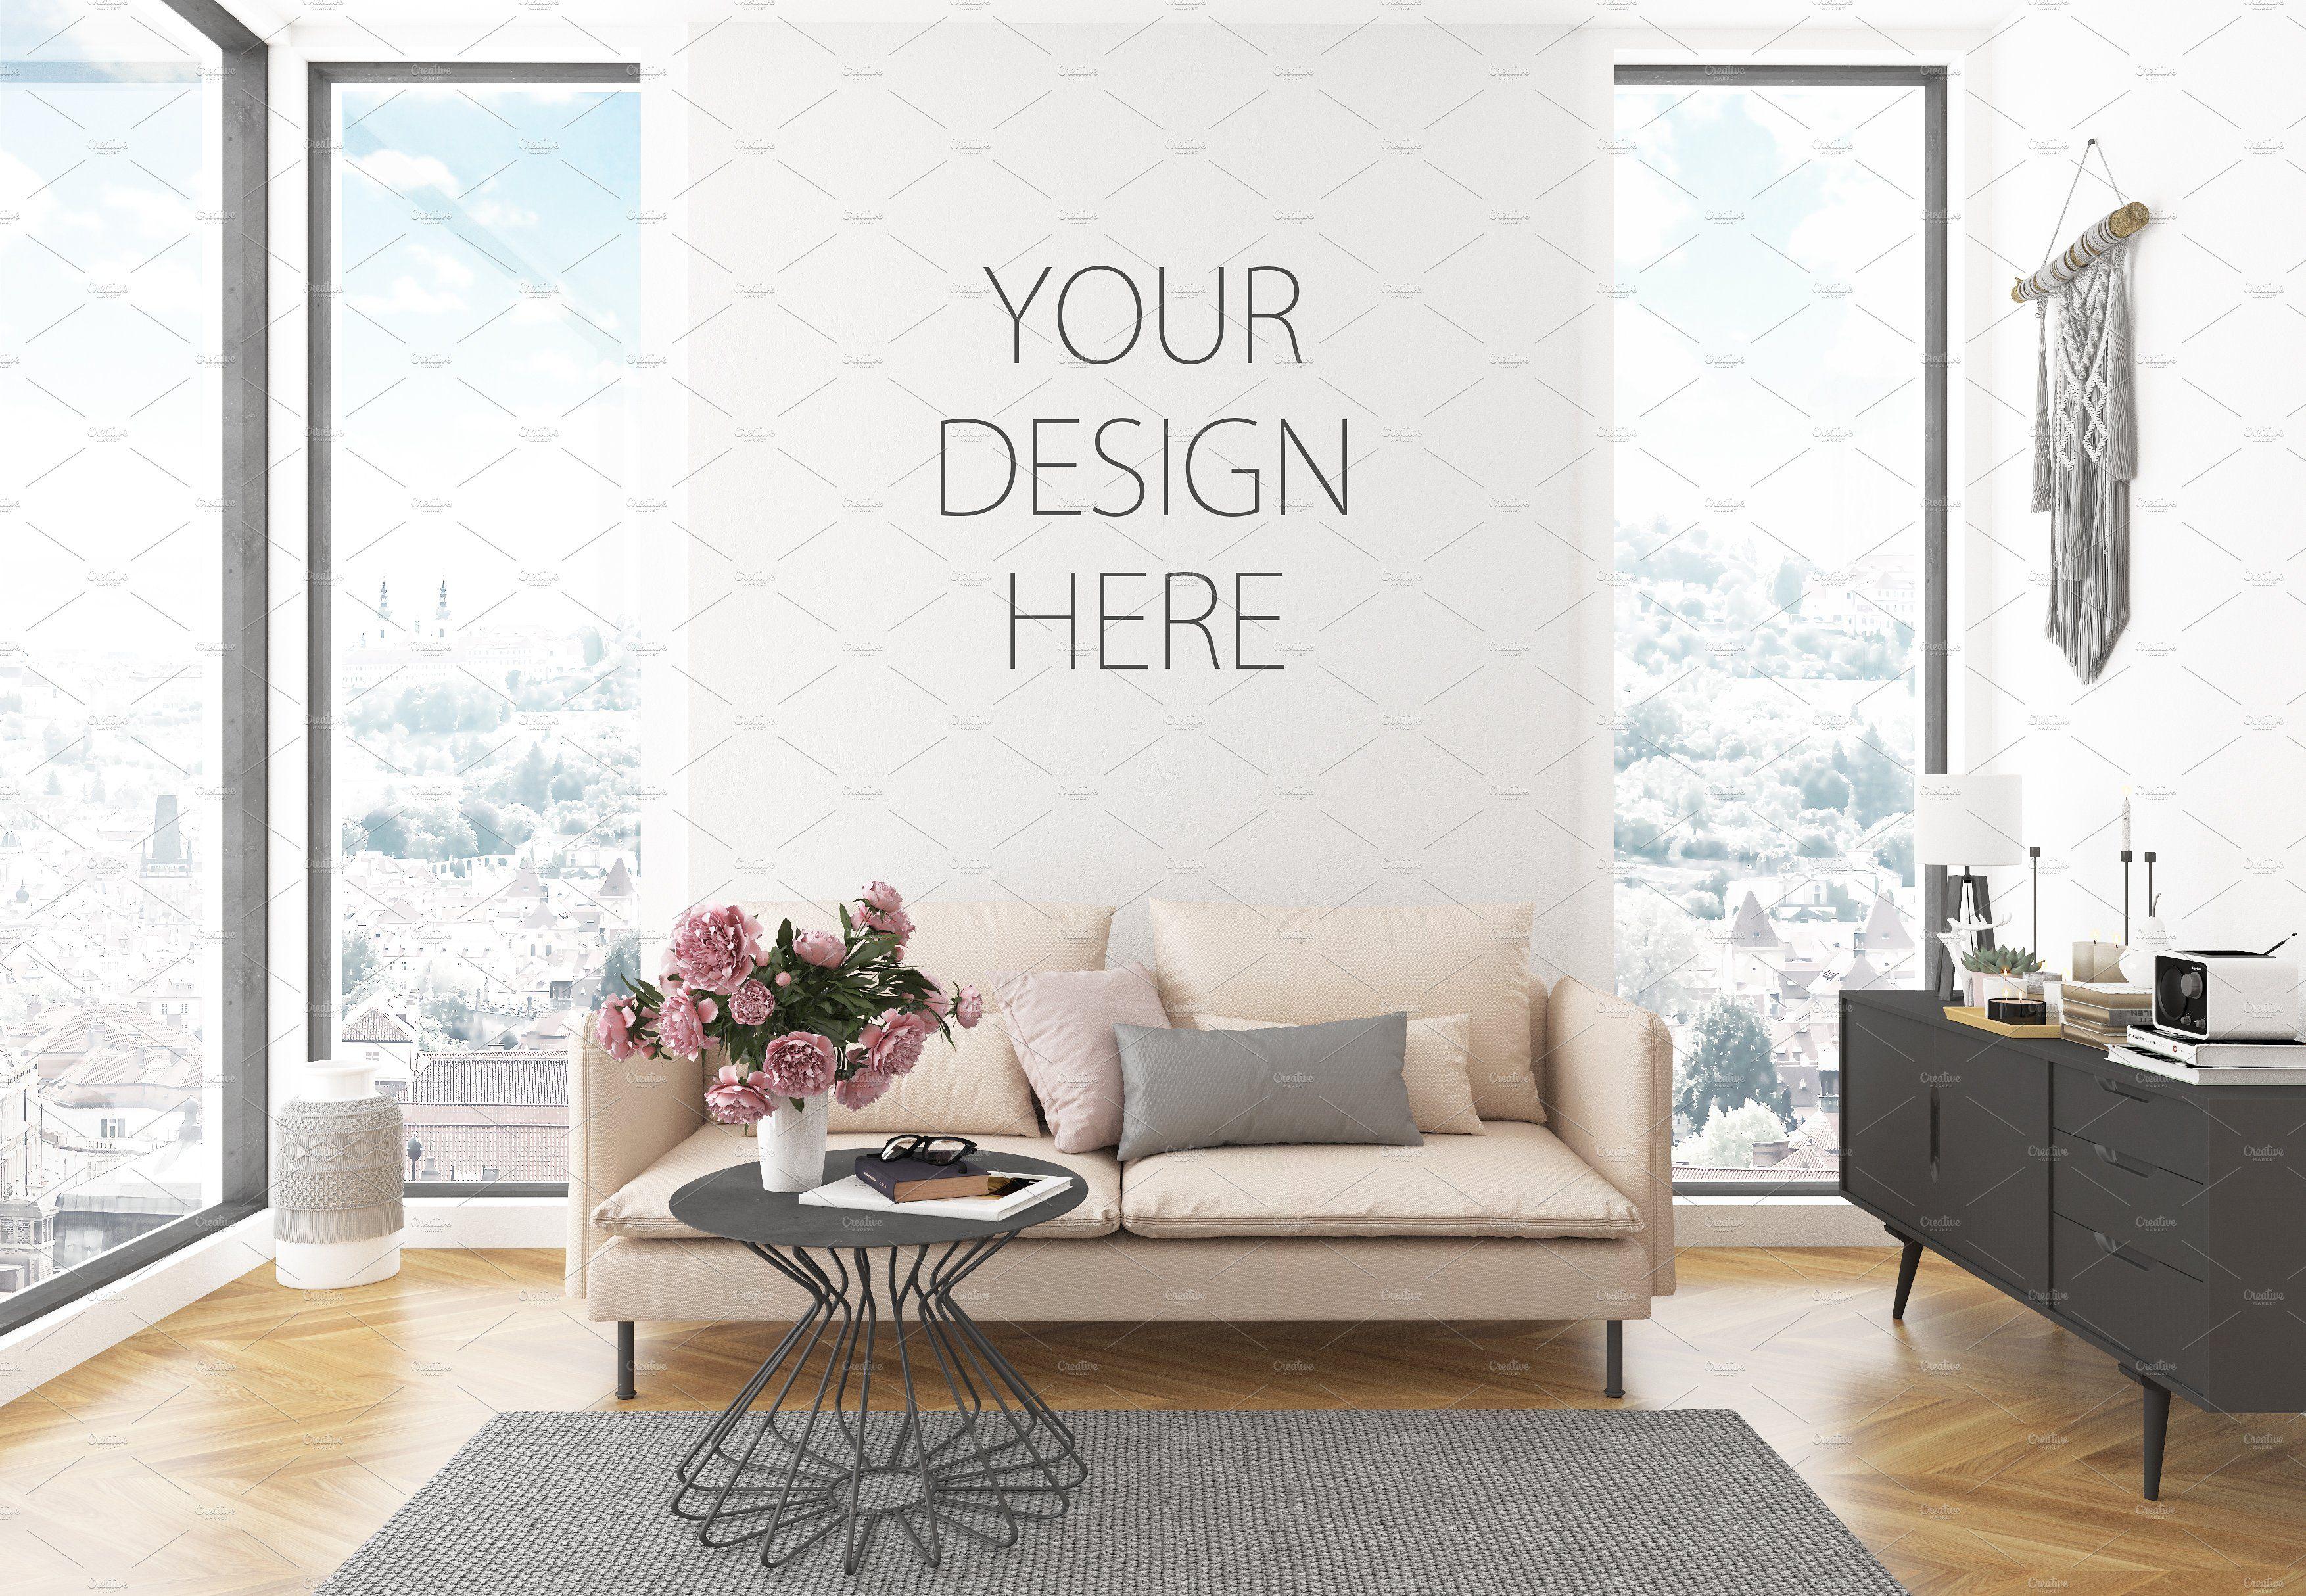 Interior Mockup Artwork Background Design Mockup Free Psd Mockup Template Mockup Free Psd